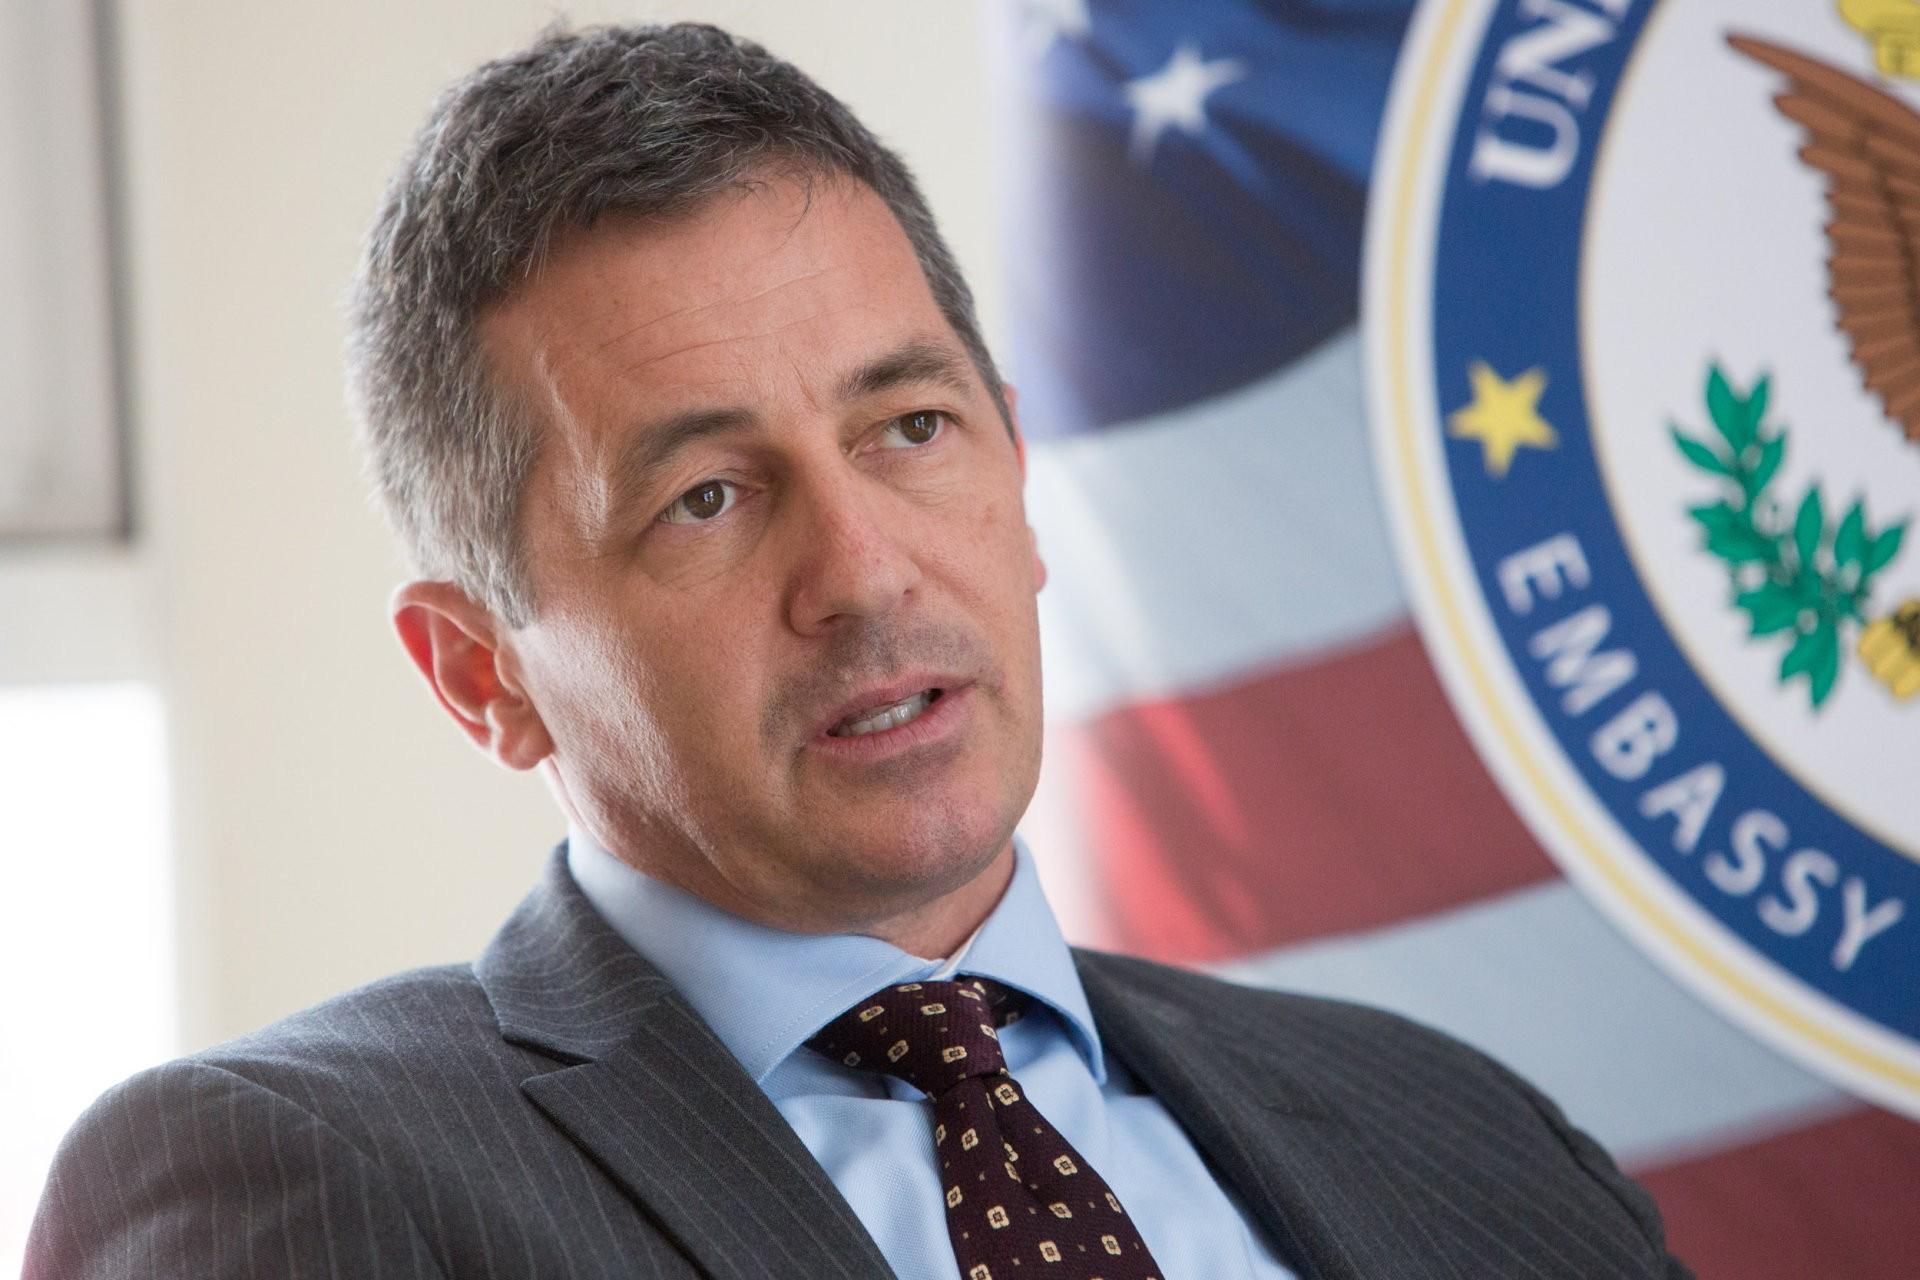 एमसीसीमा सैन्य संलग्नता नजोडिएको भन्दै अमेरिकी दूतावासले सार्वजनिक गर्यो १० तथ्य